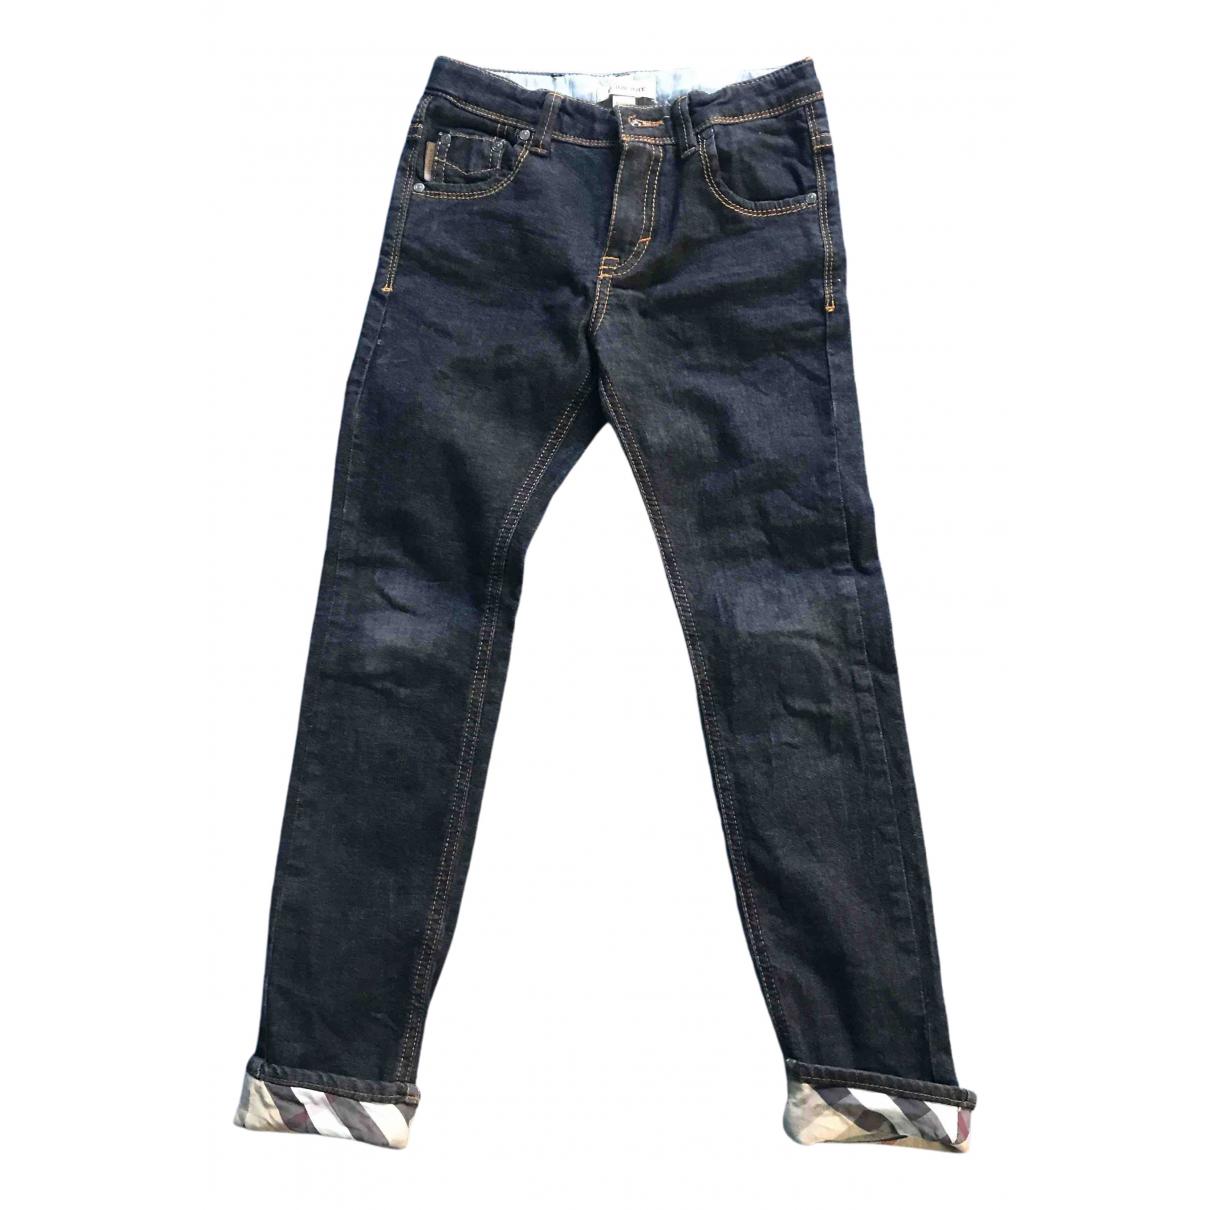 Burberry - Pantalon   pour enfant en denim - noir